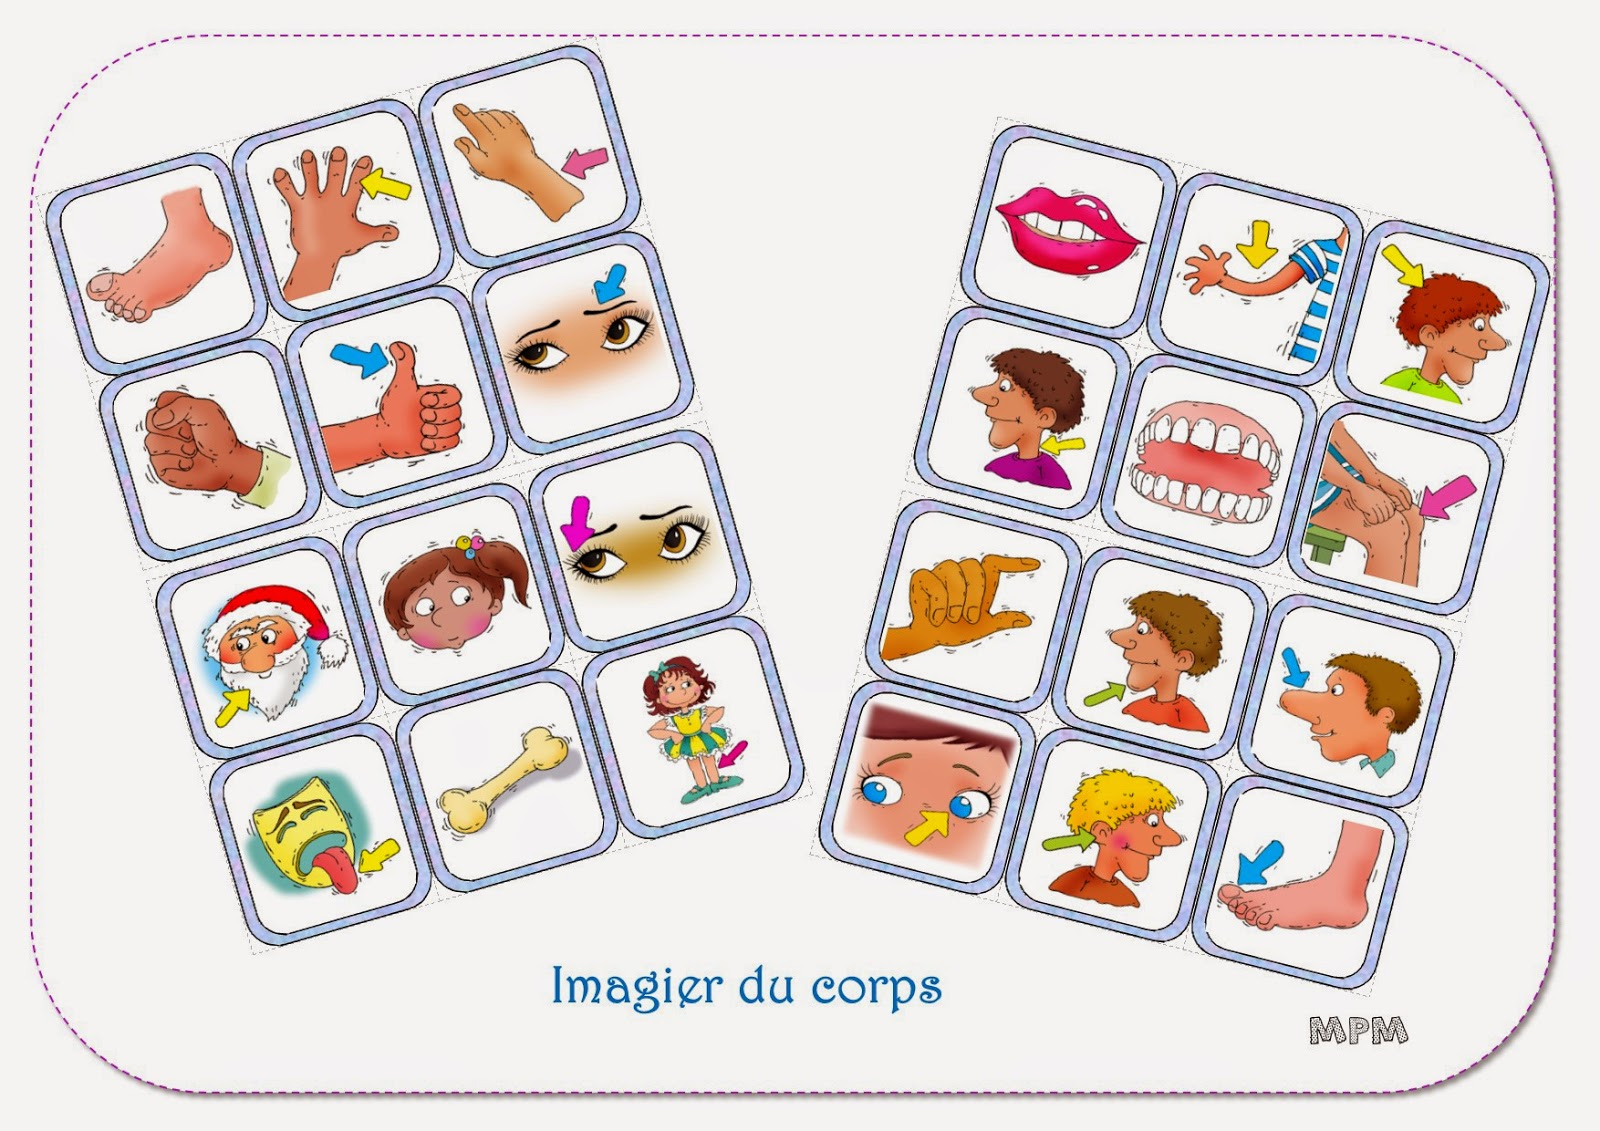 Ma Petite Maternelle: Imagier Du Corps avec Imagiers Maternelle